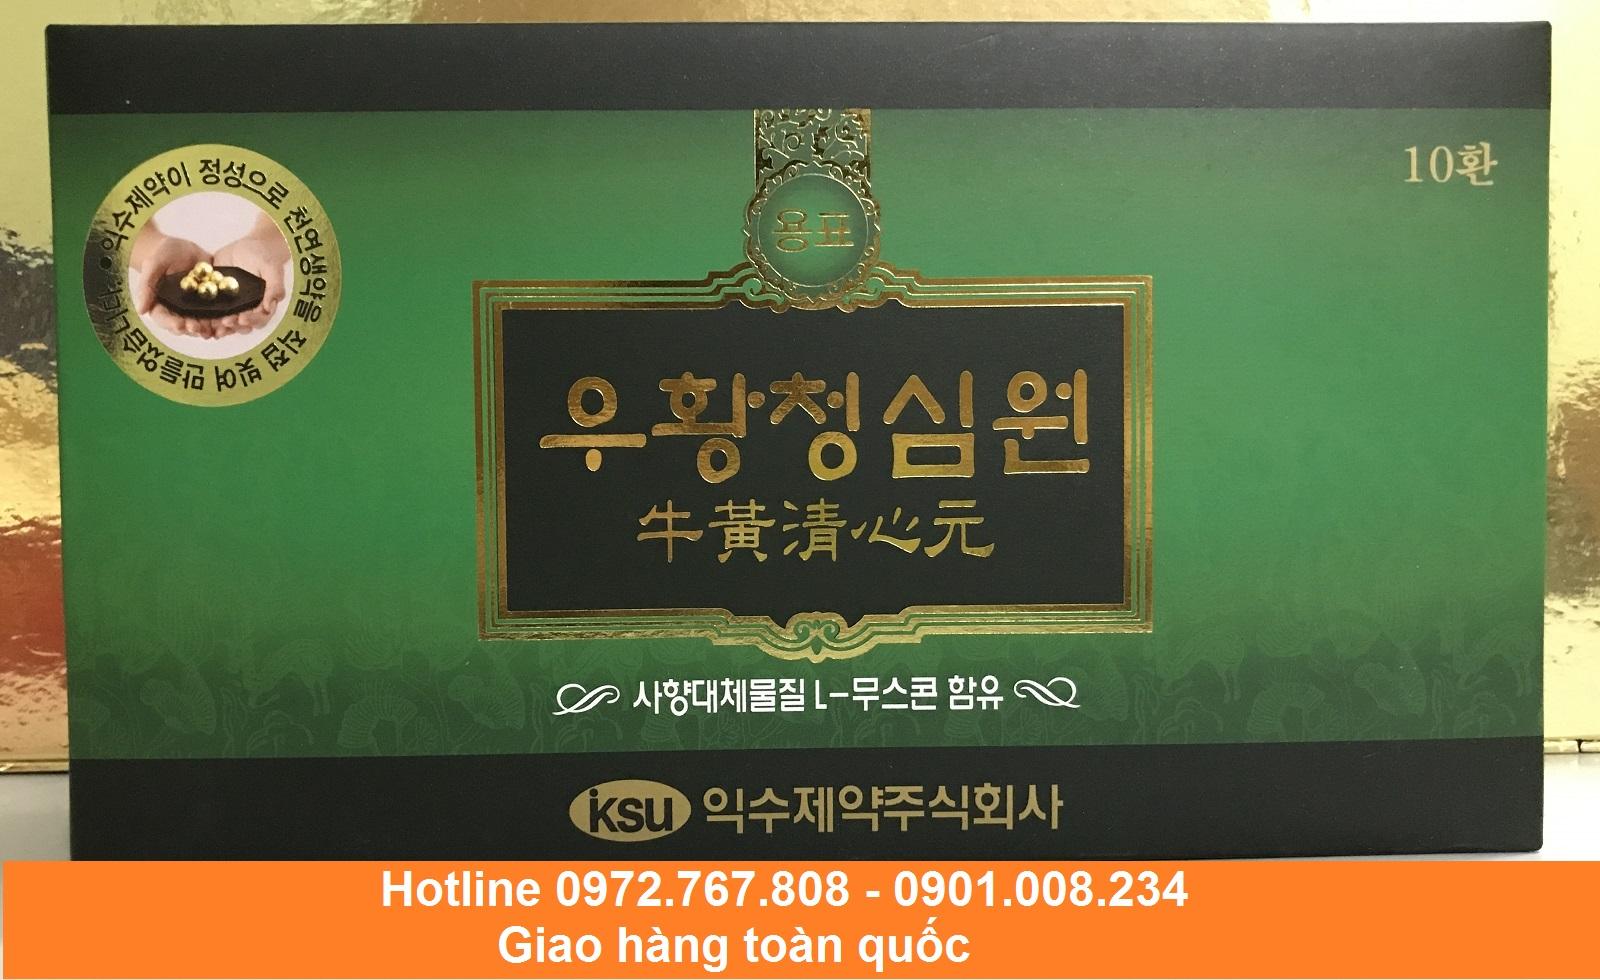 an cung nguu hoang hoan han quoc hop xanh iksu, 8806585002512, 18806585002519, an cung han quoc, an cung iksu